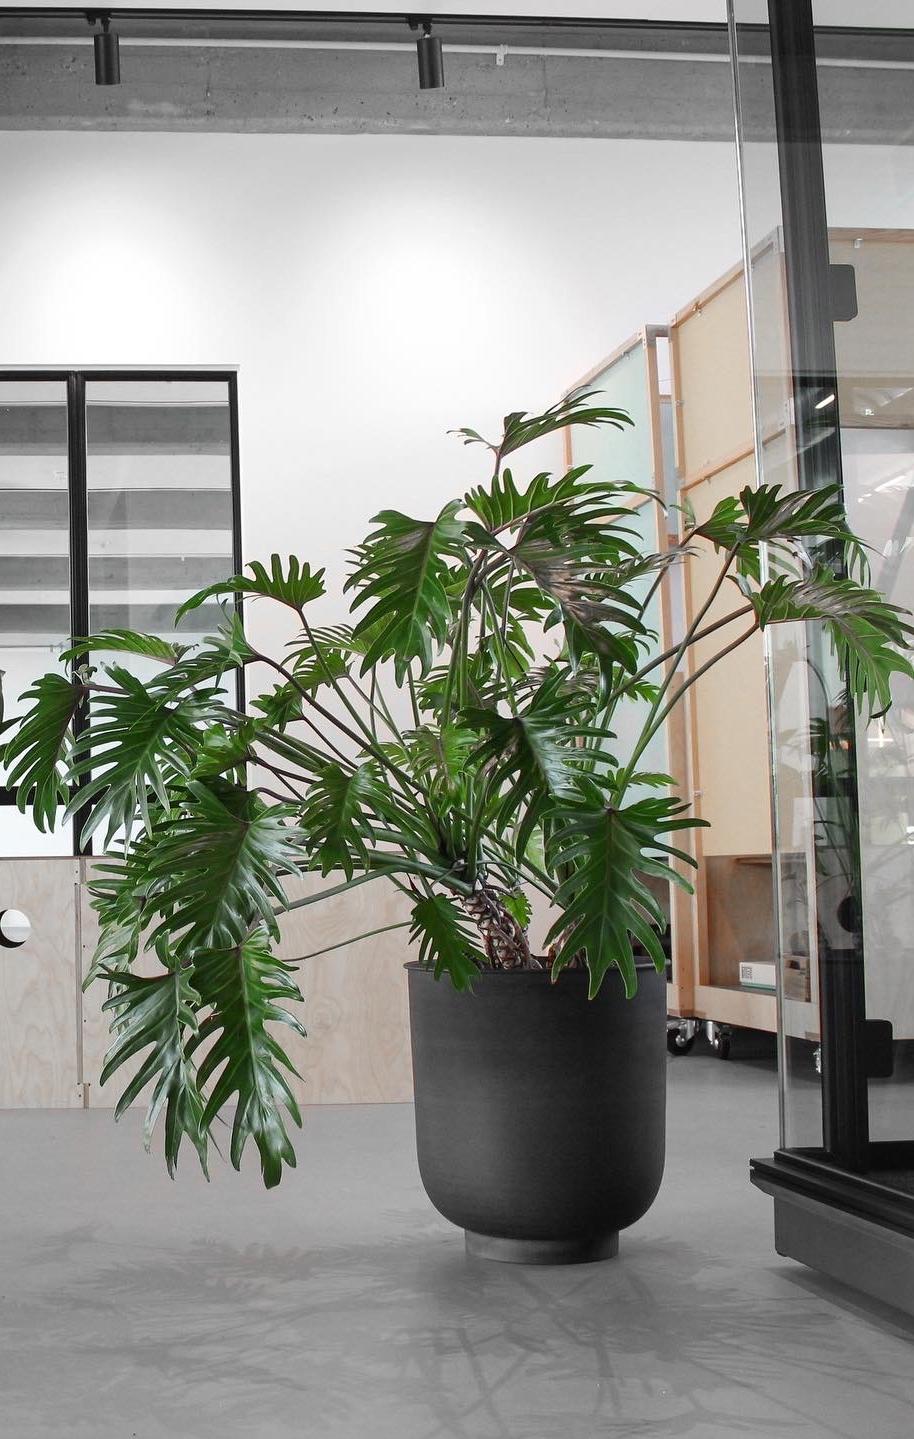 GroupM - Kontorbeplantning - Planteservice - Virksomheder - Cases